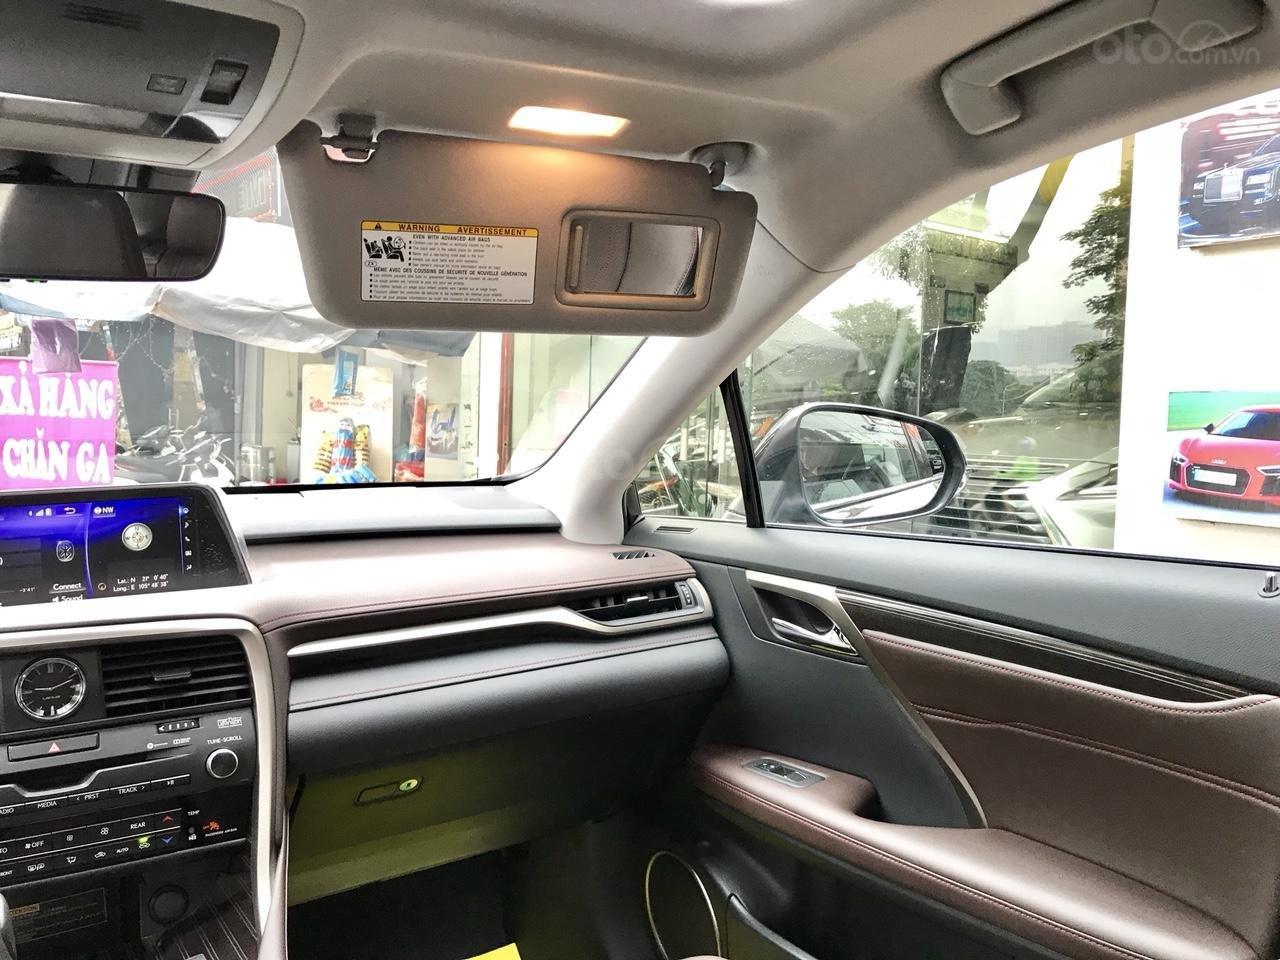 Bán Lexus RX R350L 2018, màu đen, 6 chỗ, nhập khẩu Mỹ - Mr Huân 0981.0101.61-14